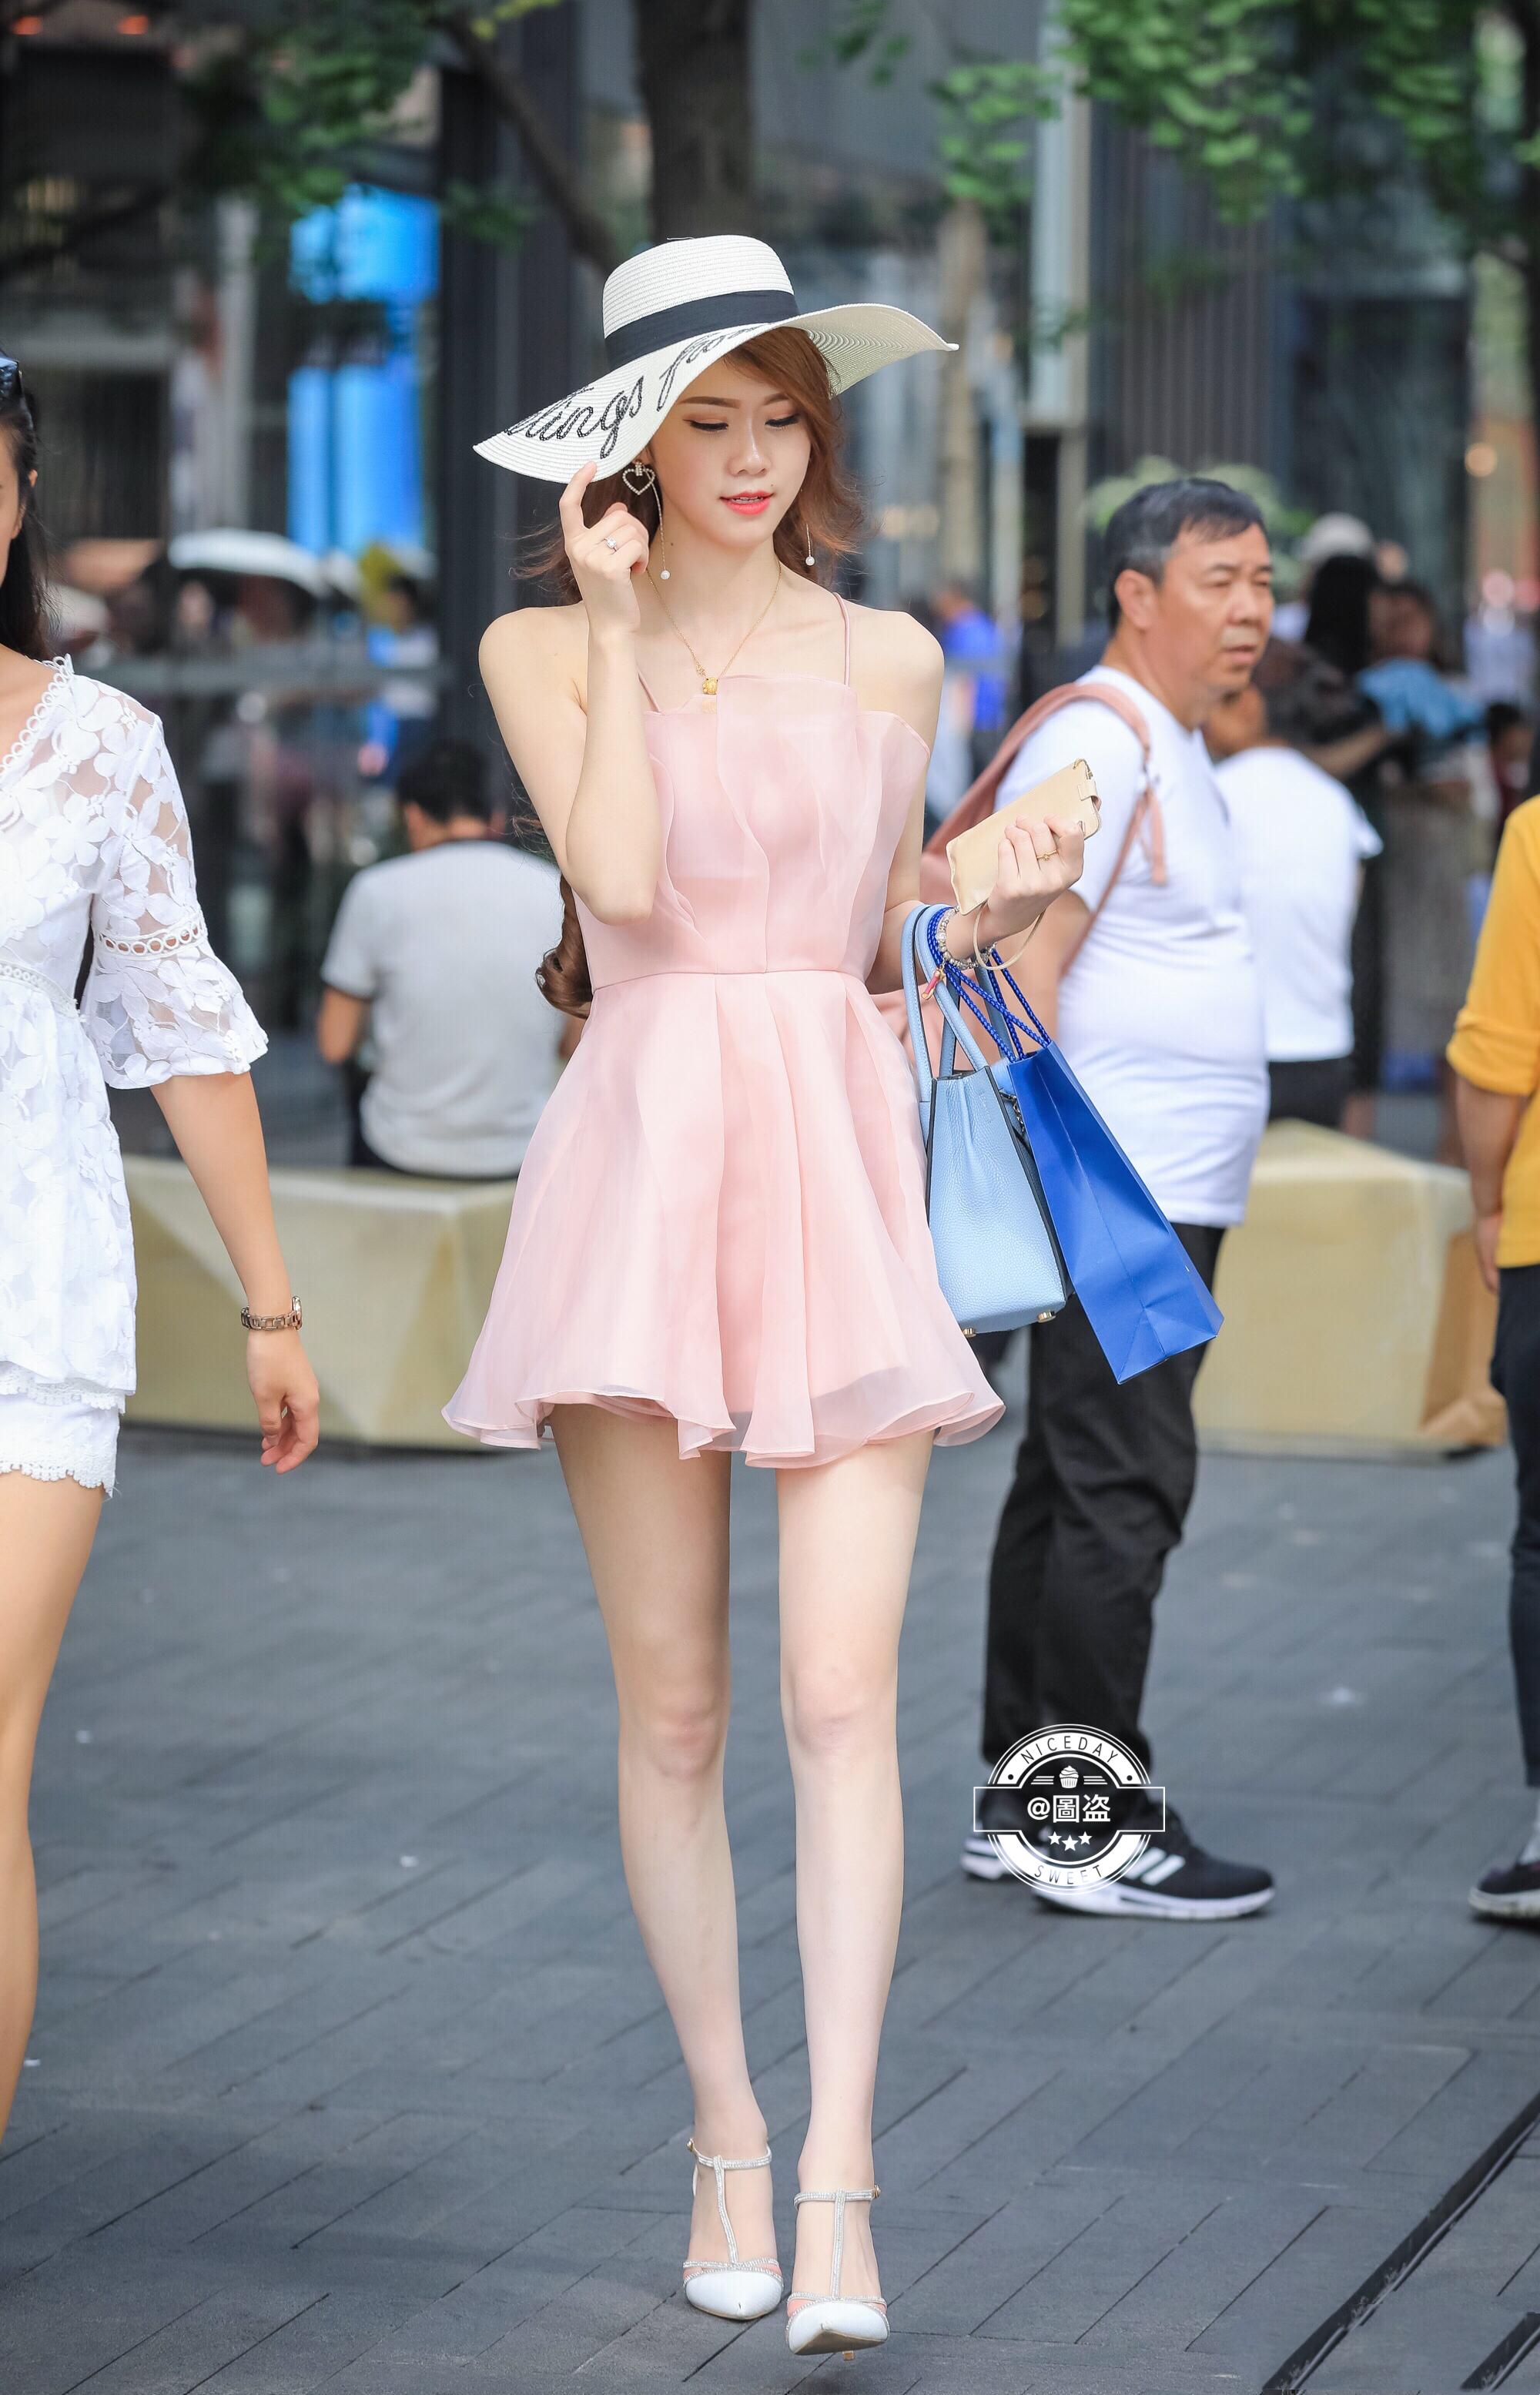 街拍短裙美女 这双腿真是要人老命啊